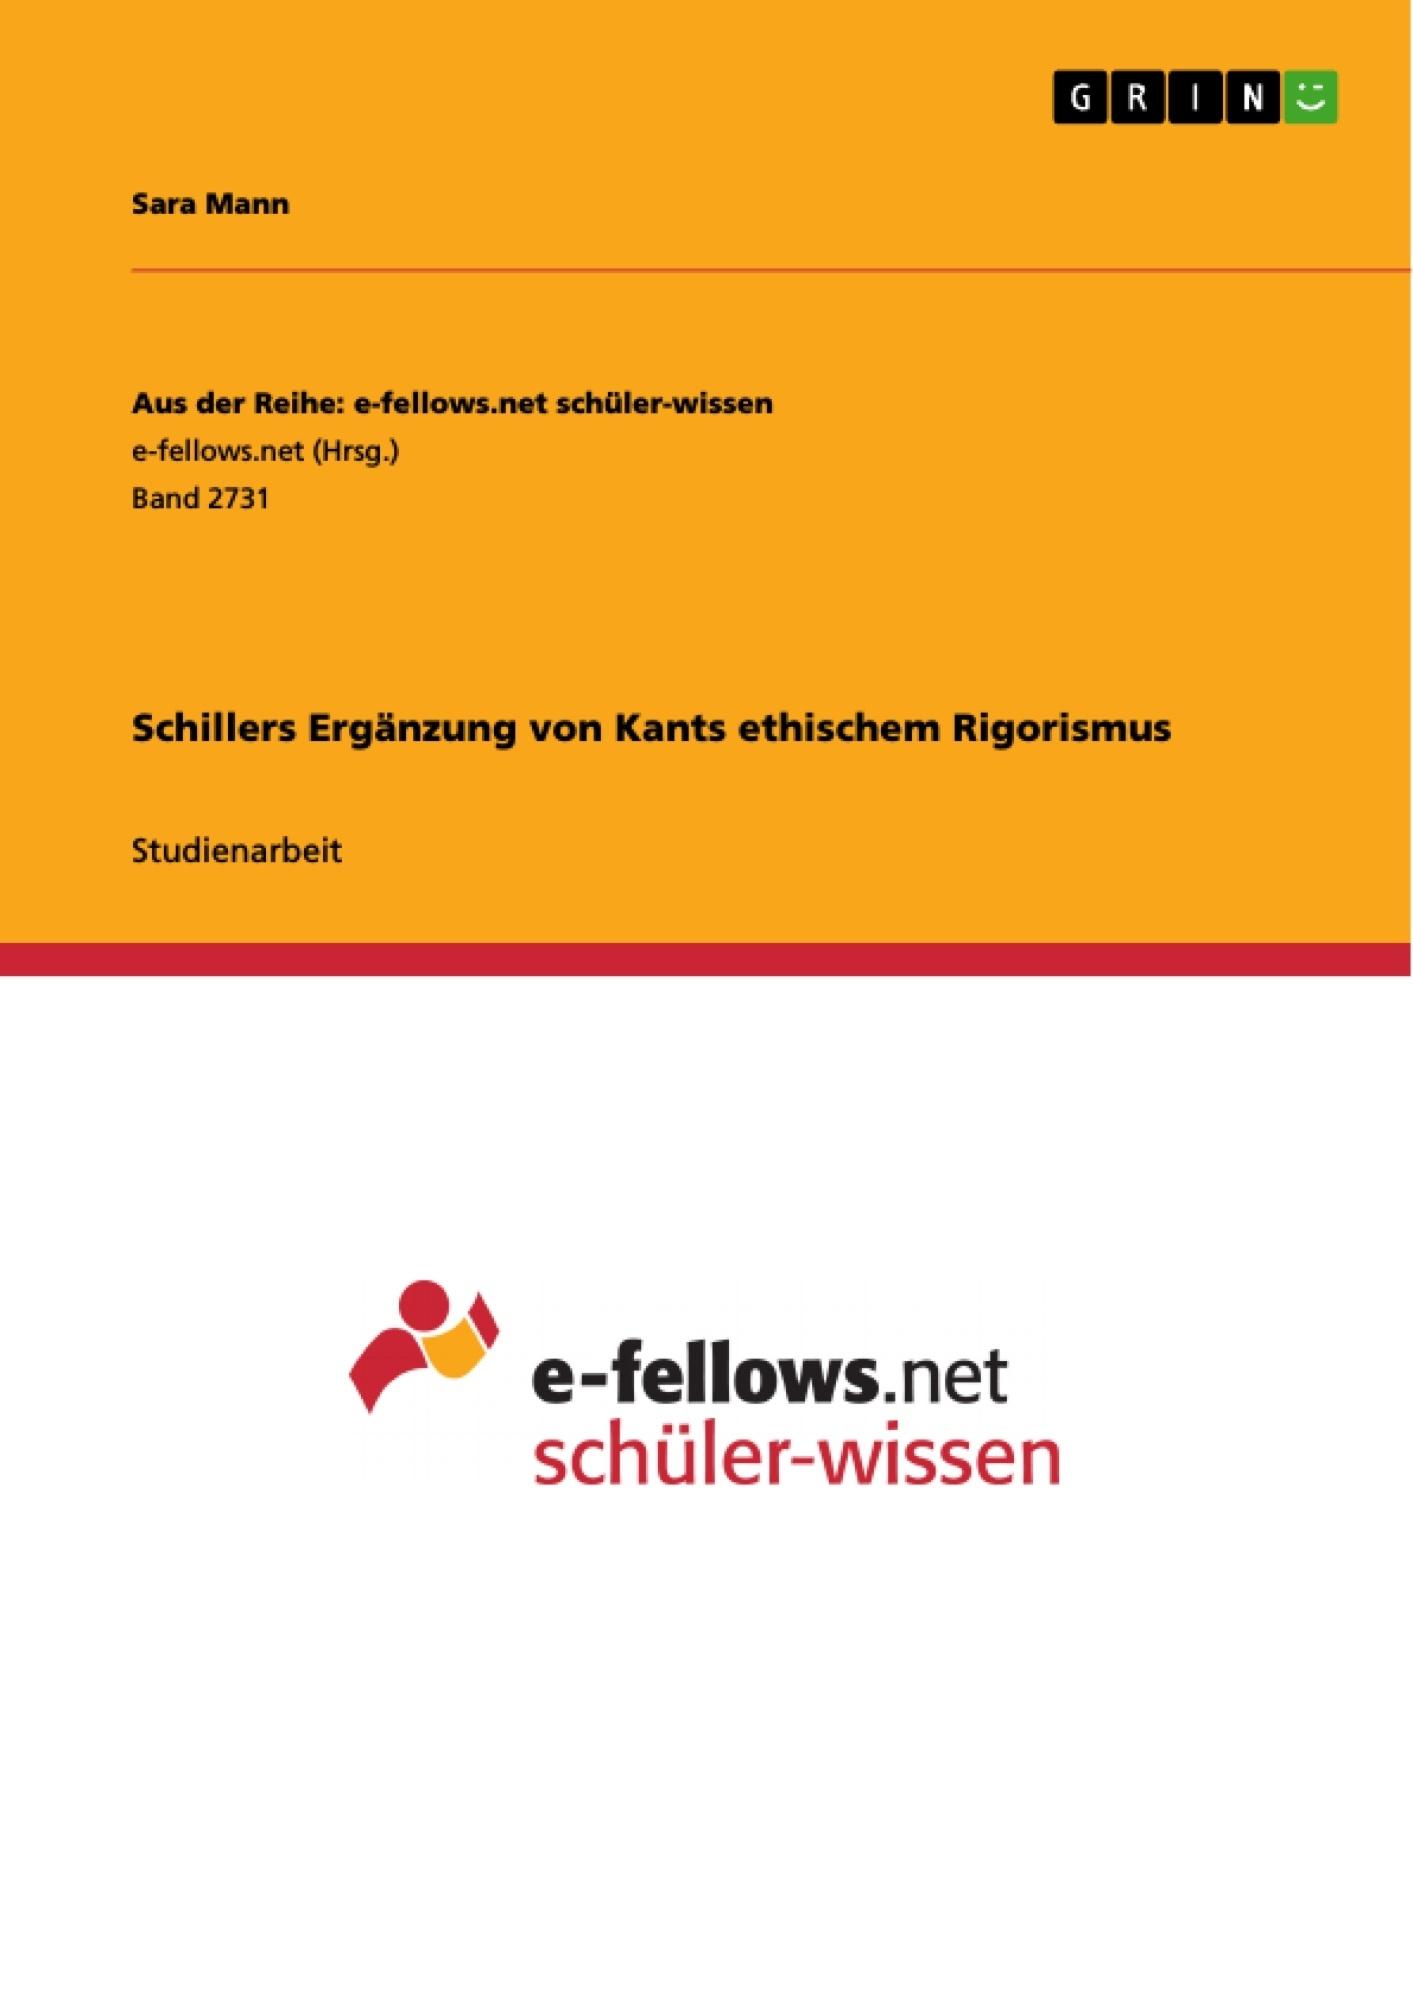 Titel: Schillers Ergänzung von Kants ethischem Rigorismus